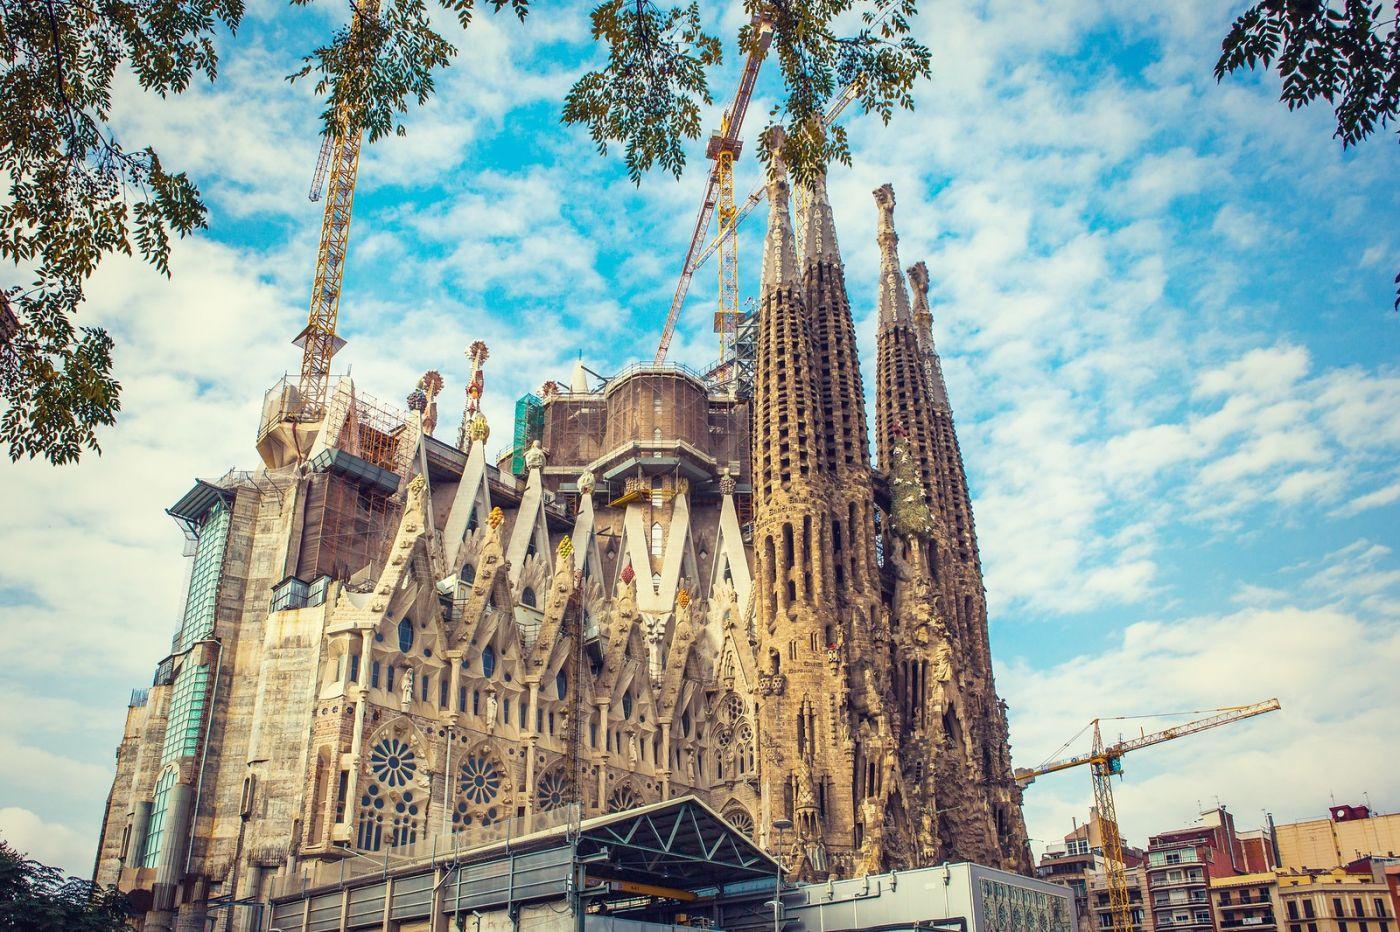 西班牙圣家堂(Sagrada Família),百年还未完工的世界遗产_图1-6